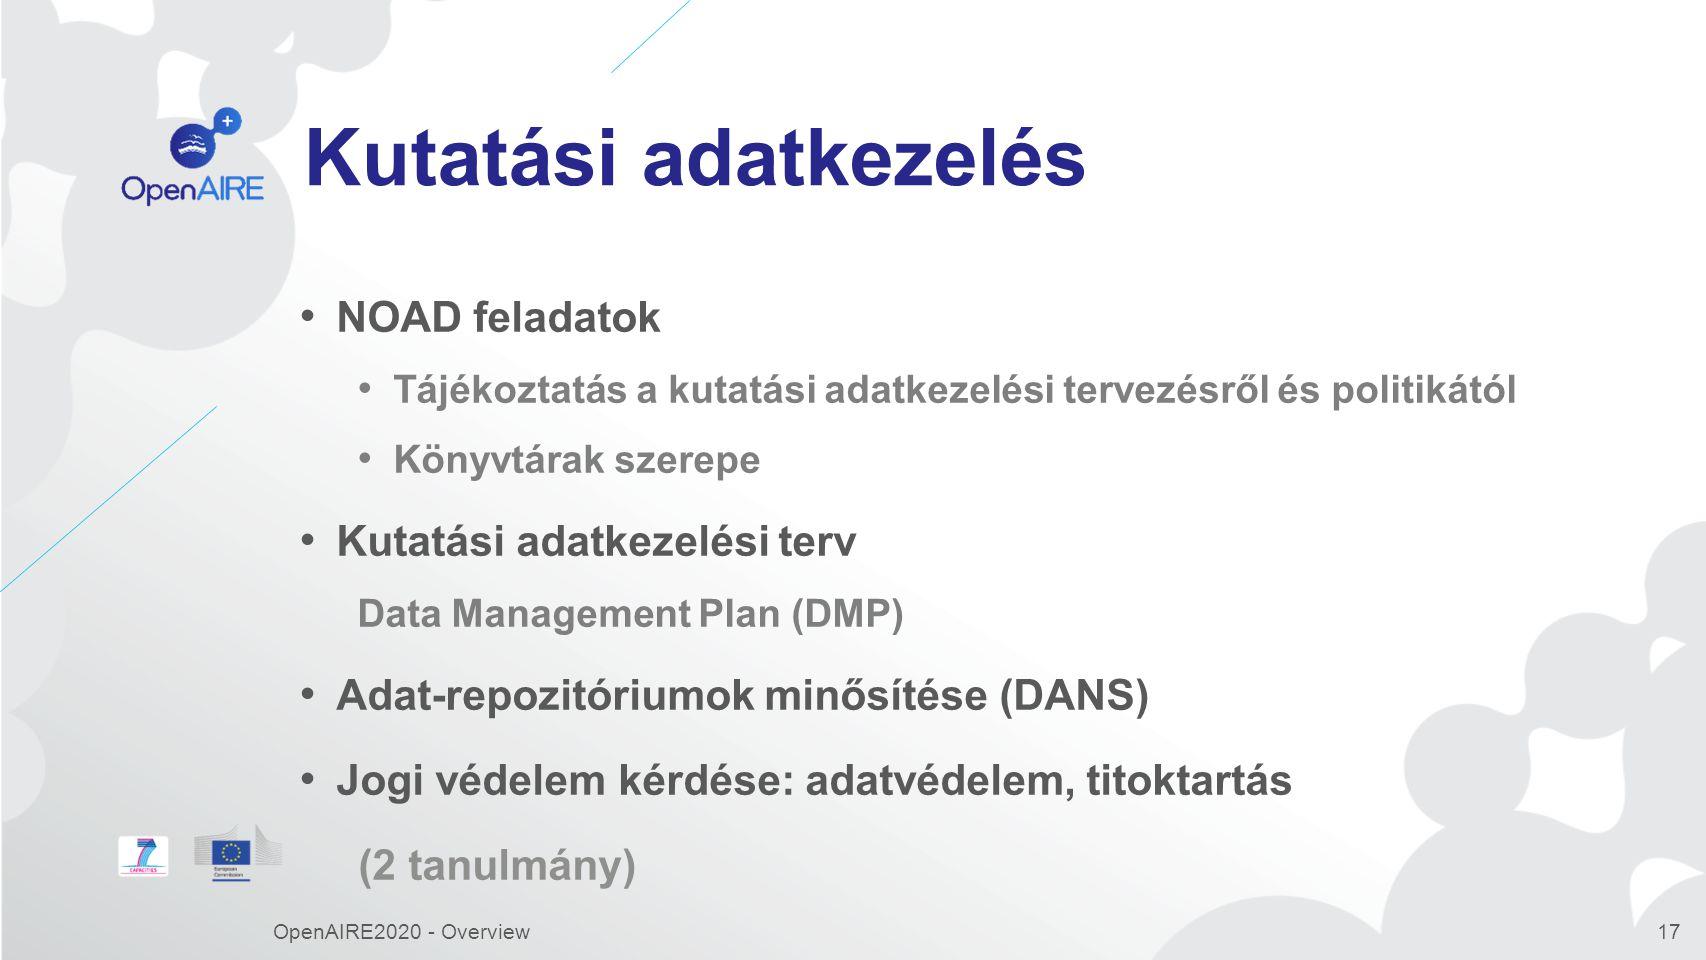 Kutatási adatkezelés NOAD feladatok Tájékoztatás a kutatási adatkezelési tervezésről és politikától Könyvtárak szerepe Kutatási adatkezelési terv Data Management Plan (DMP) Adat-repozitóriumok minősítése (DANS) Jogi védelem kérdése: adatvédelem, titoktartás (2 tanulmány) OpenAIRE2020 - Overview17